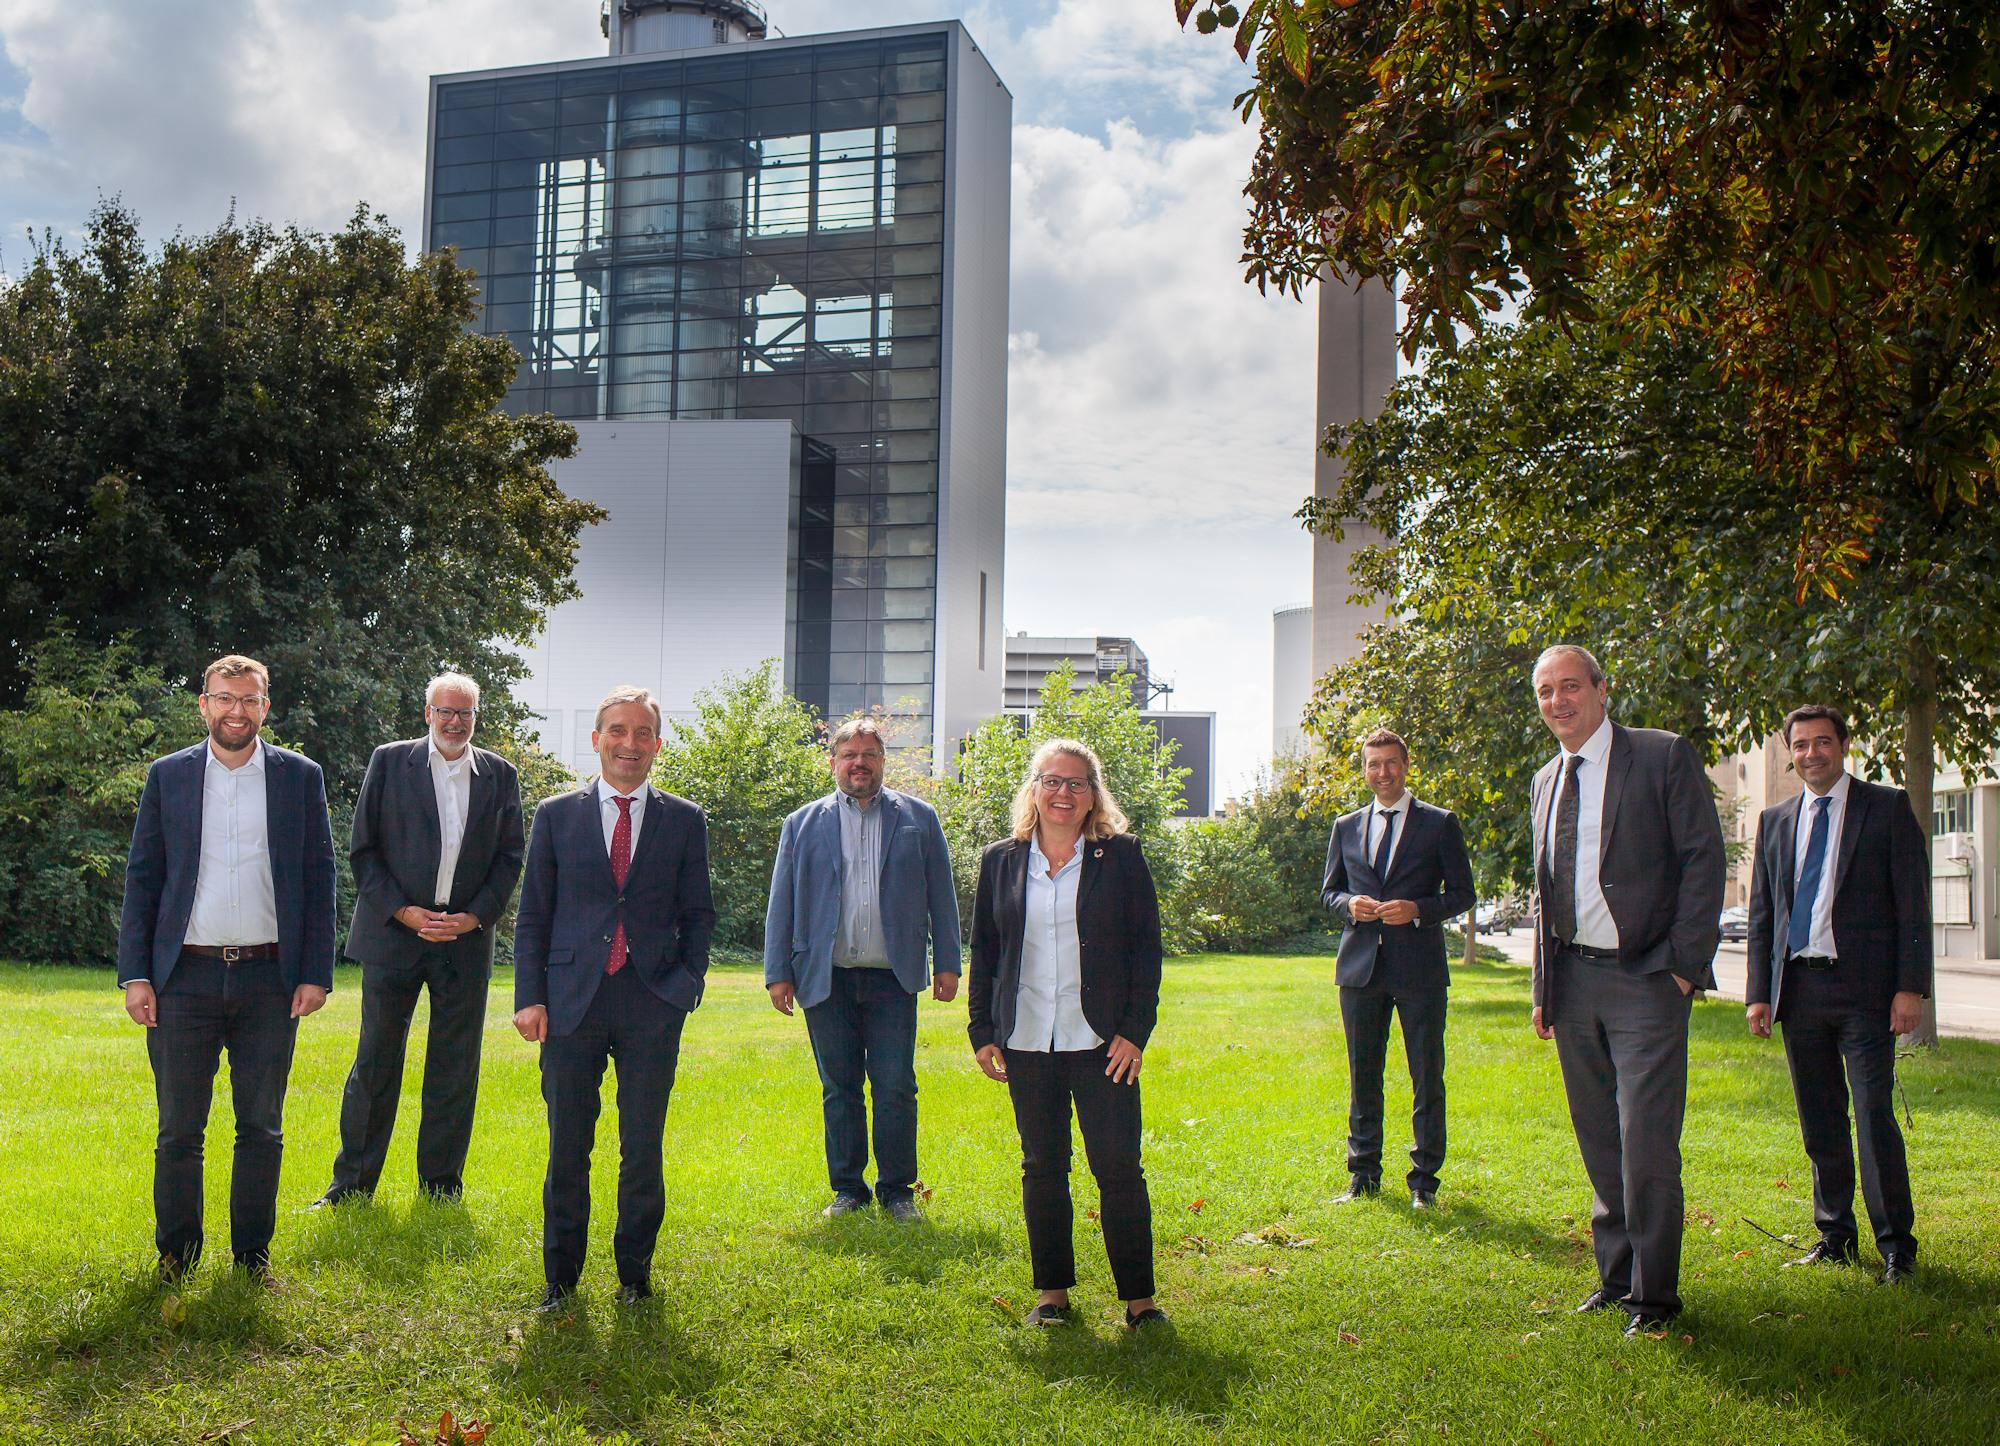 Bundesumweltministerin zu Besuch in Düsseldorf: Svenja Schulze informierte sich über Düsseldorfer Klimaschutzmaßnahmen und ein Projekt zu umweltfreundlichen Lieferverkehren in der Innenstadt